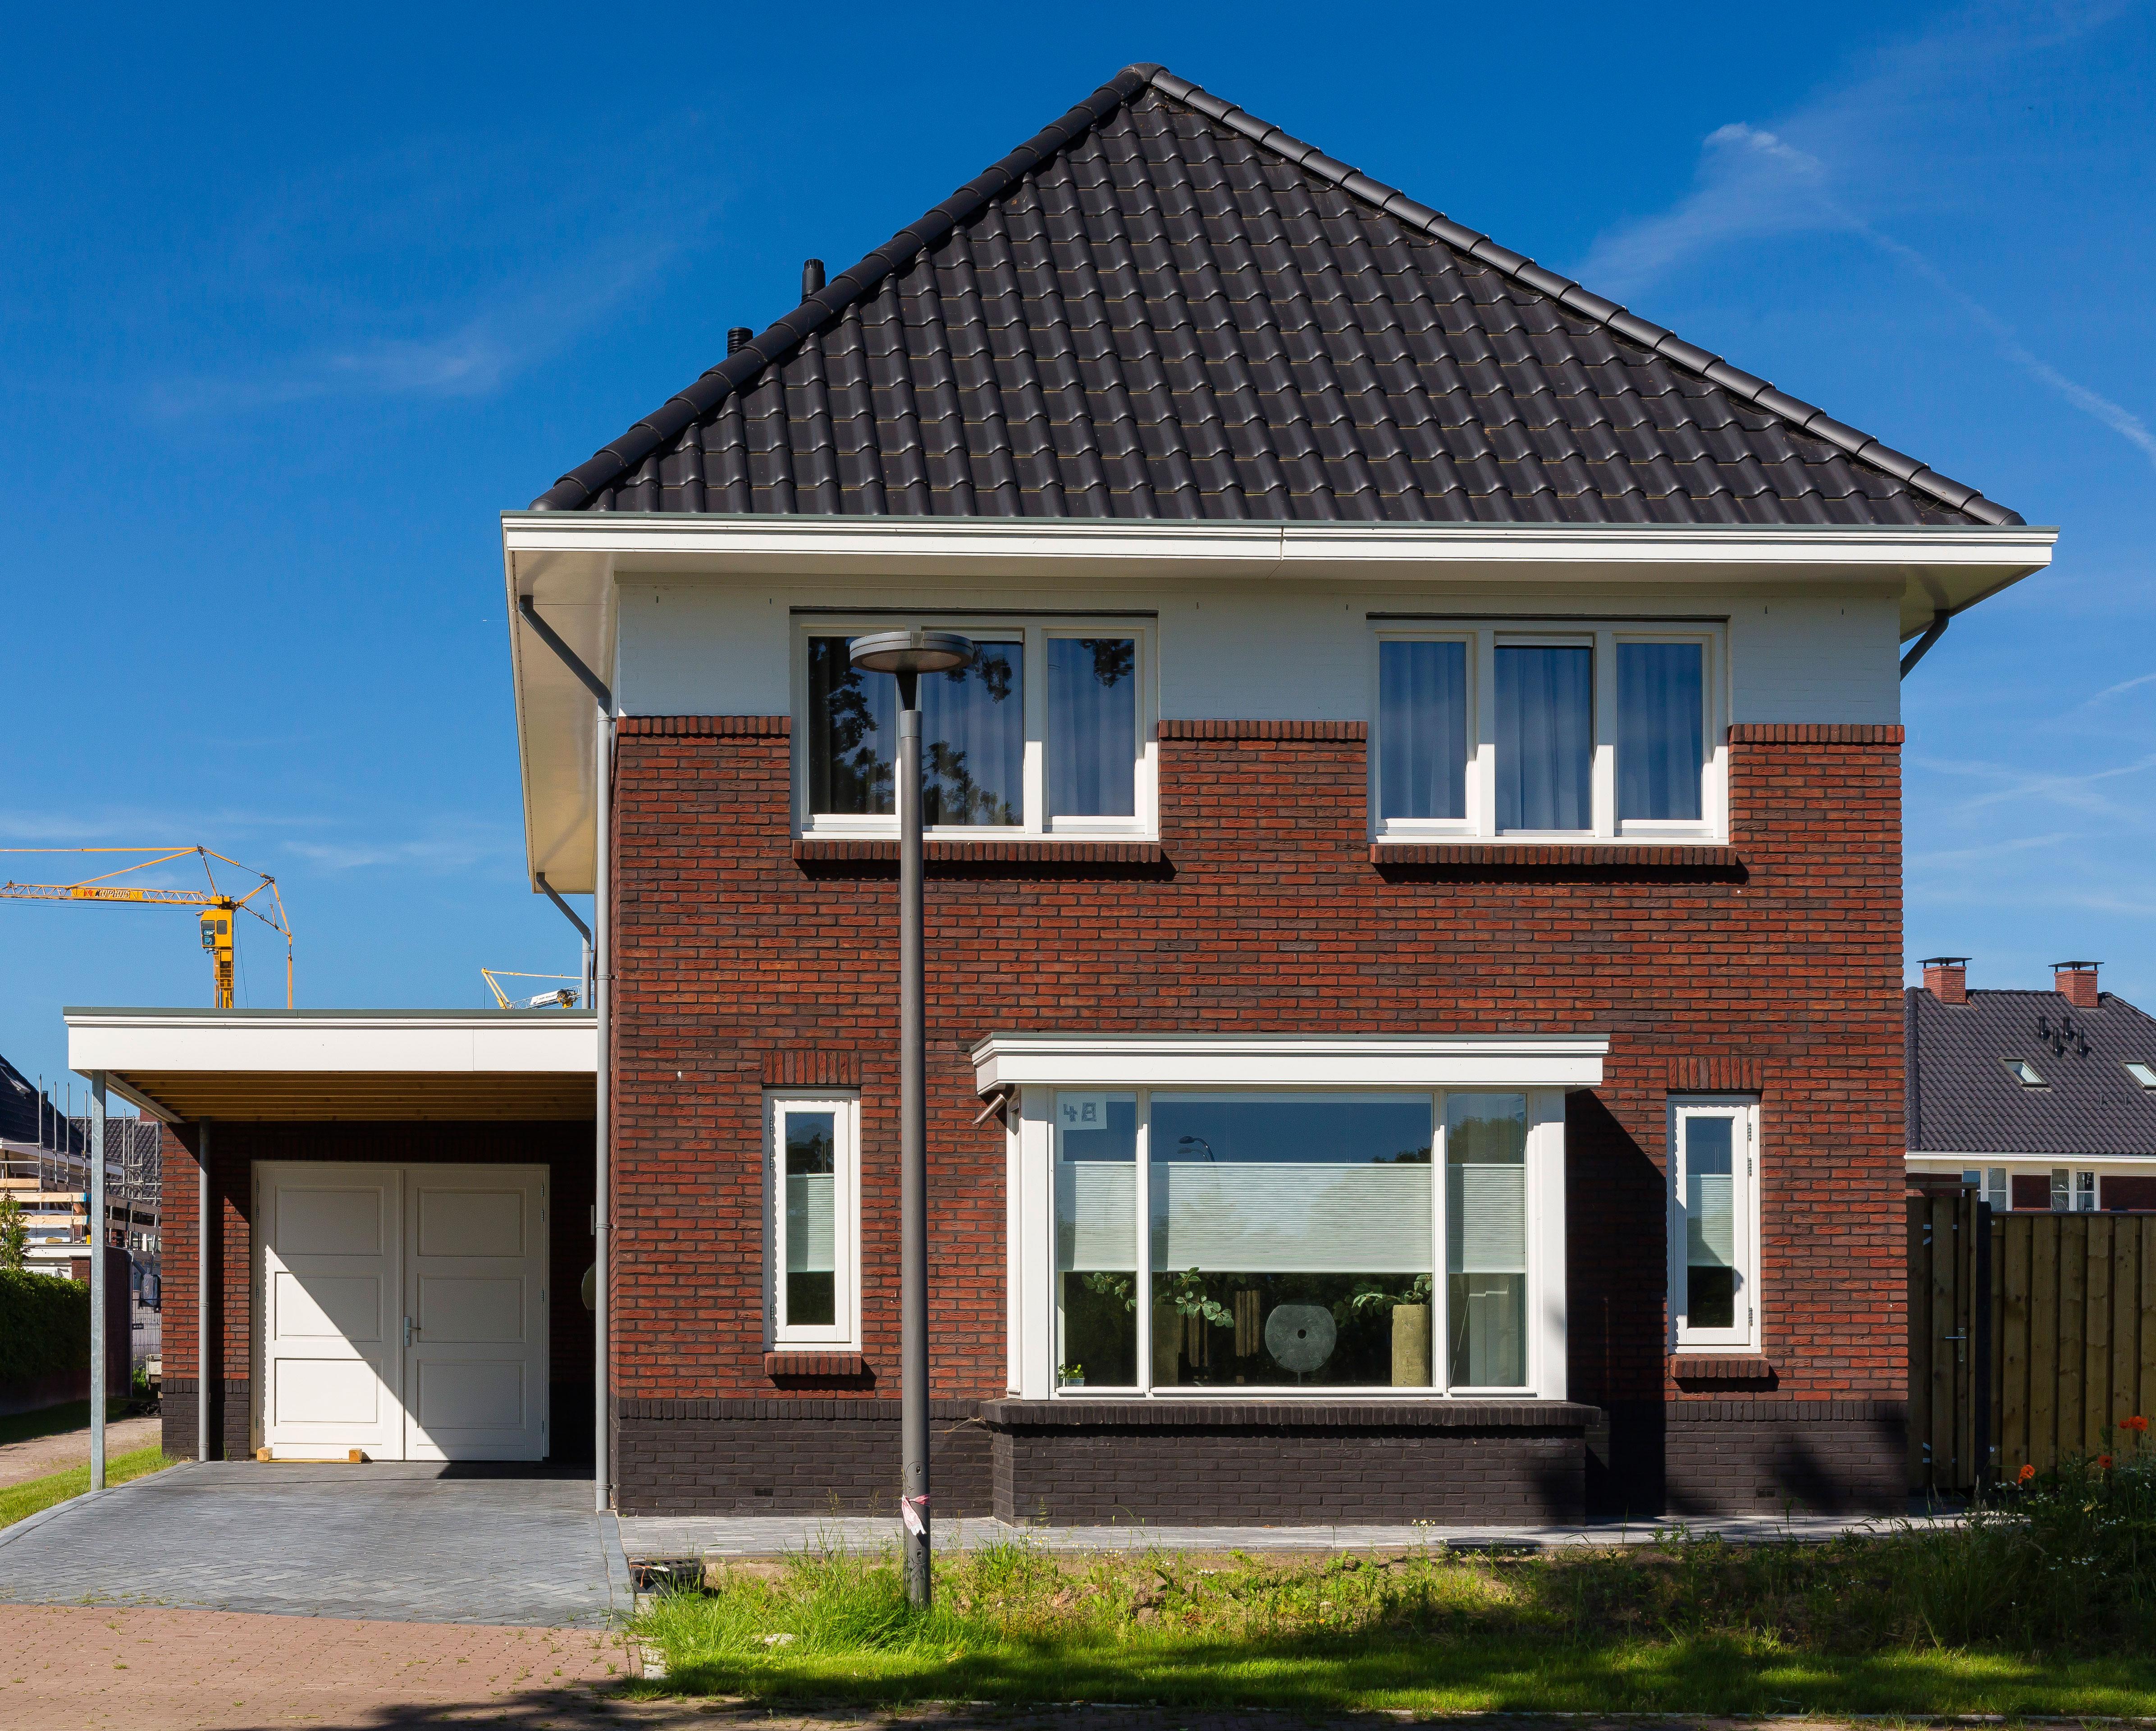 Vrijstaand Huis Bouwen : Uw eigen huis bouwen met varexhuis